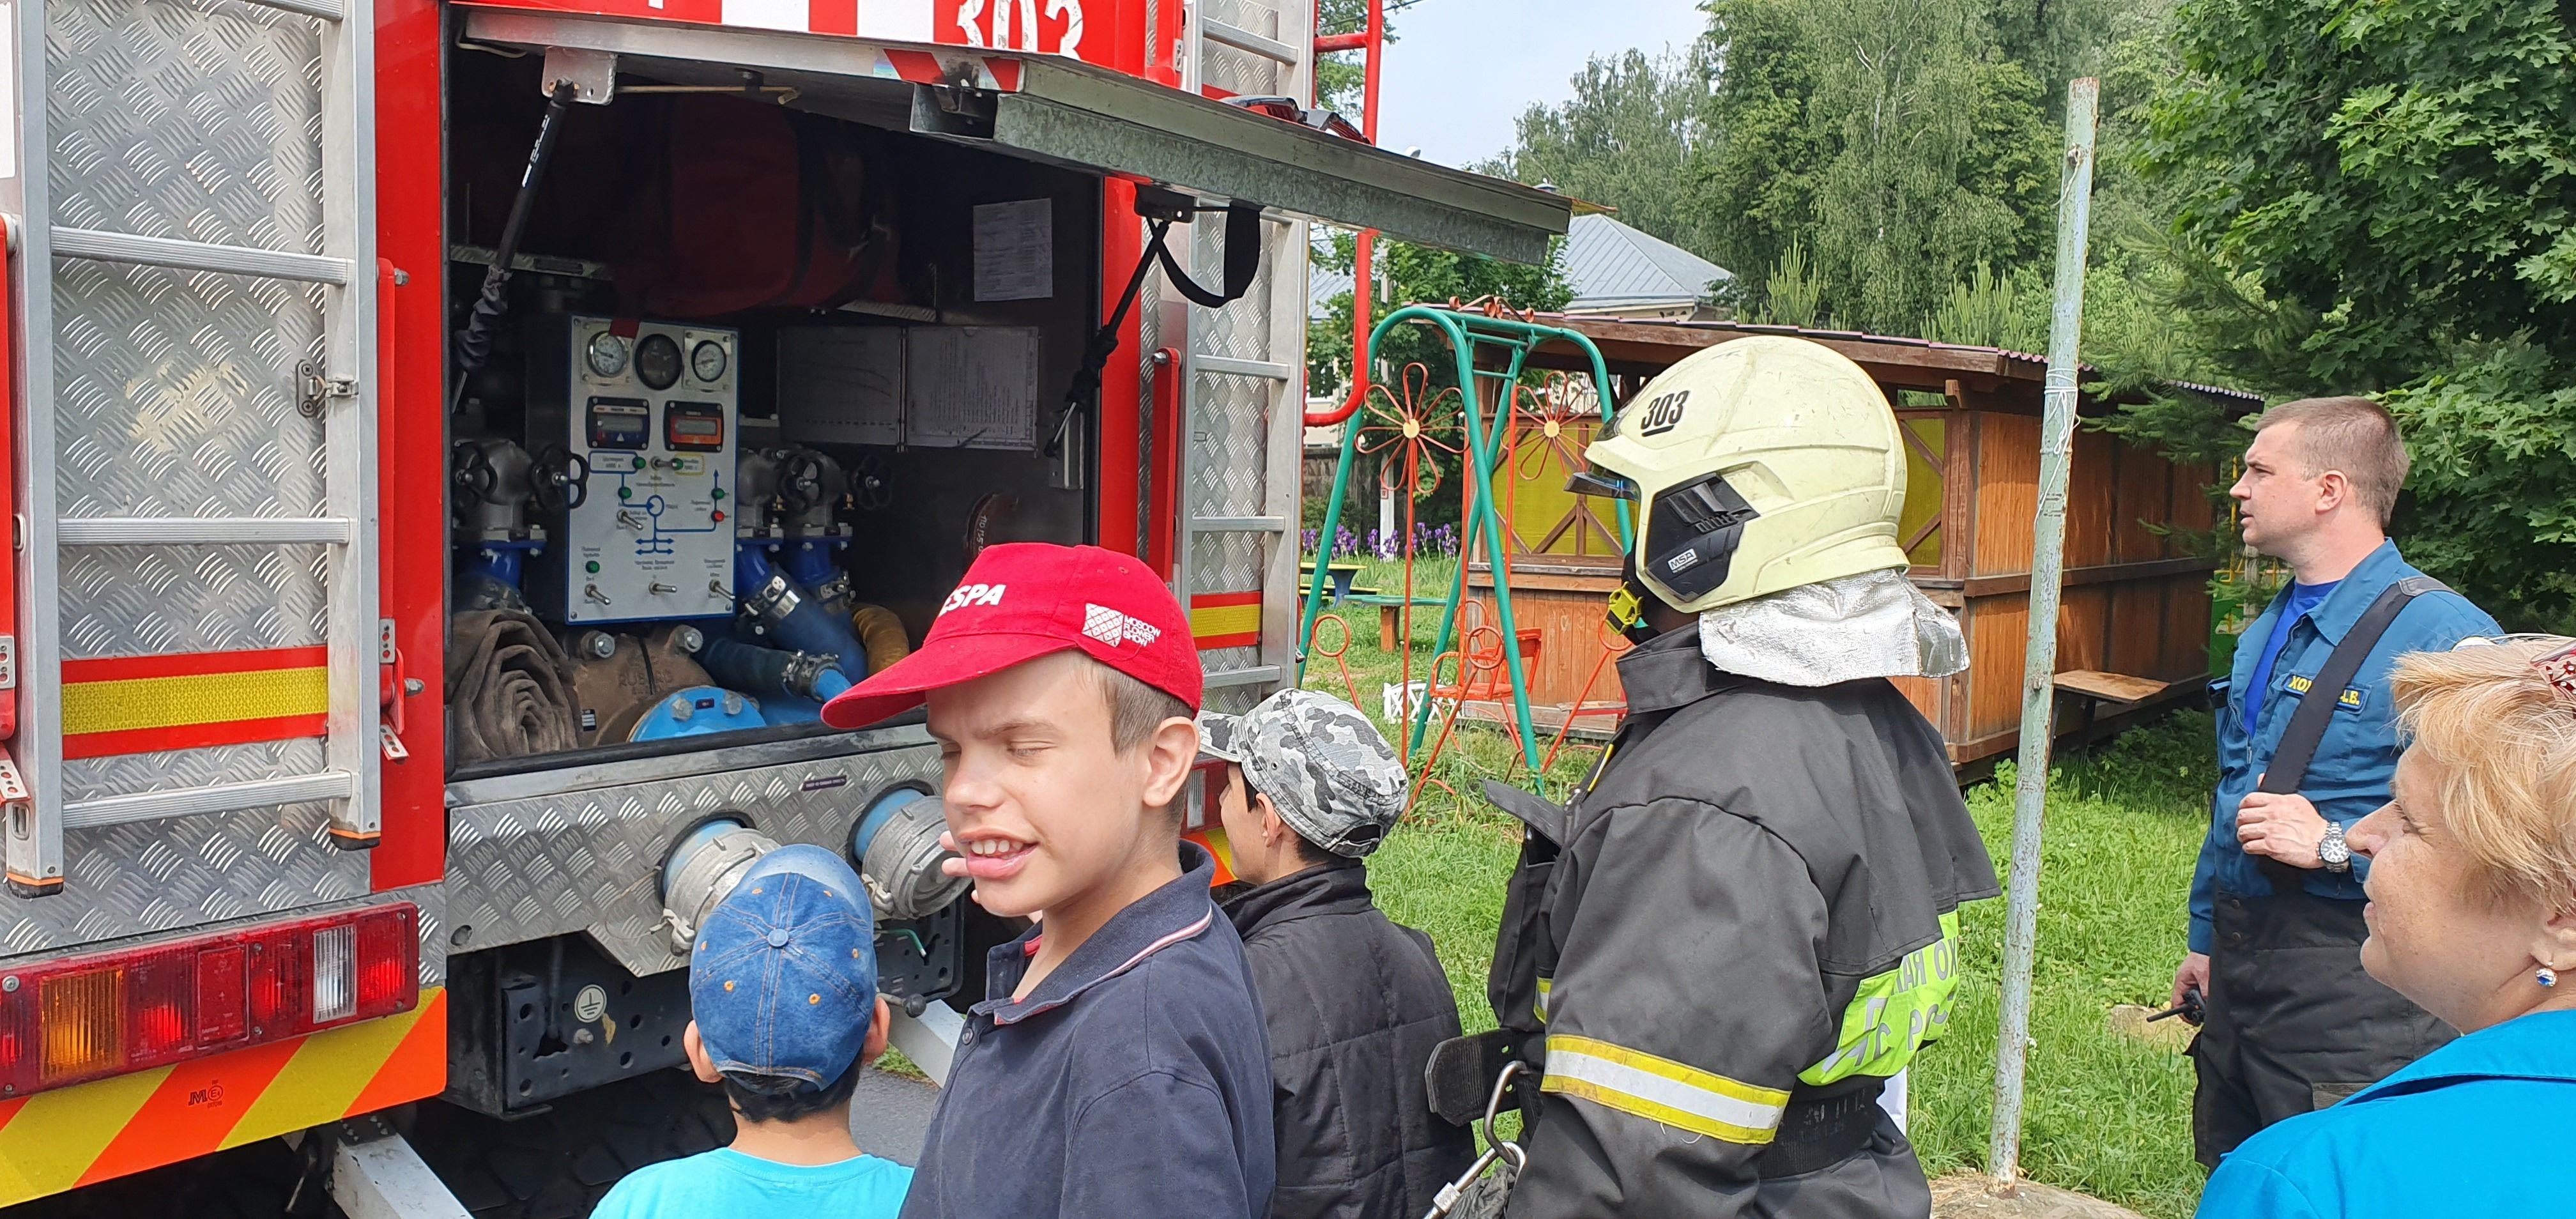 Праздник от пожарных Москвы «Дарить добро детям!»